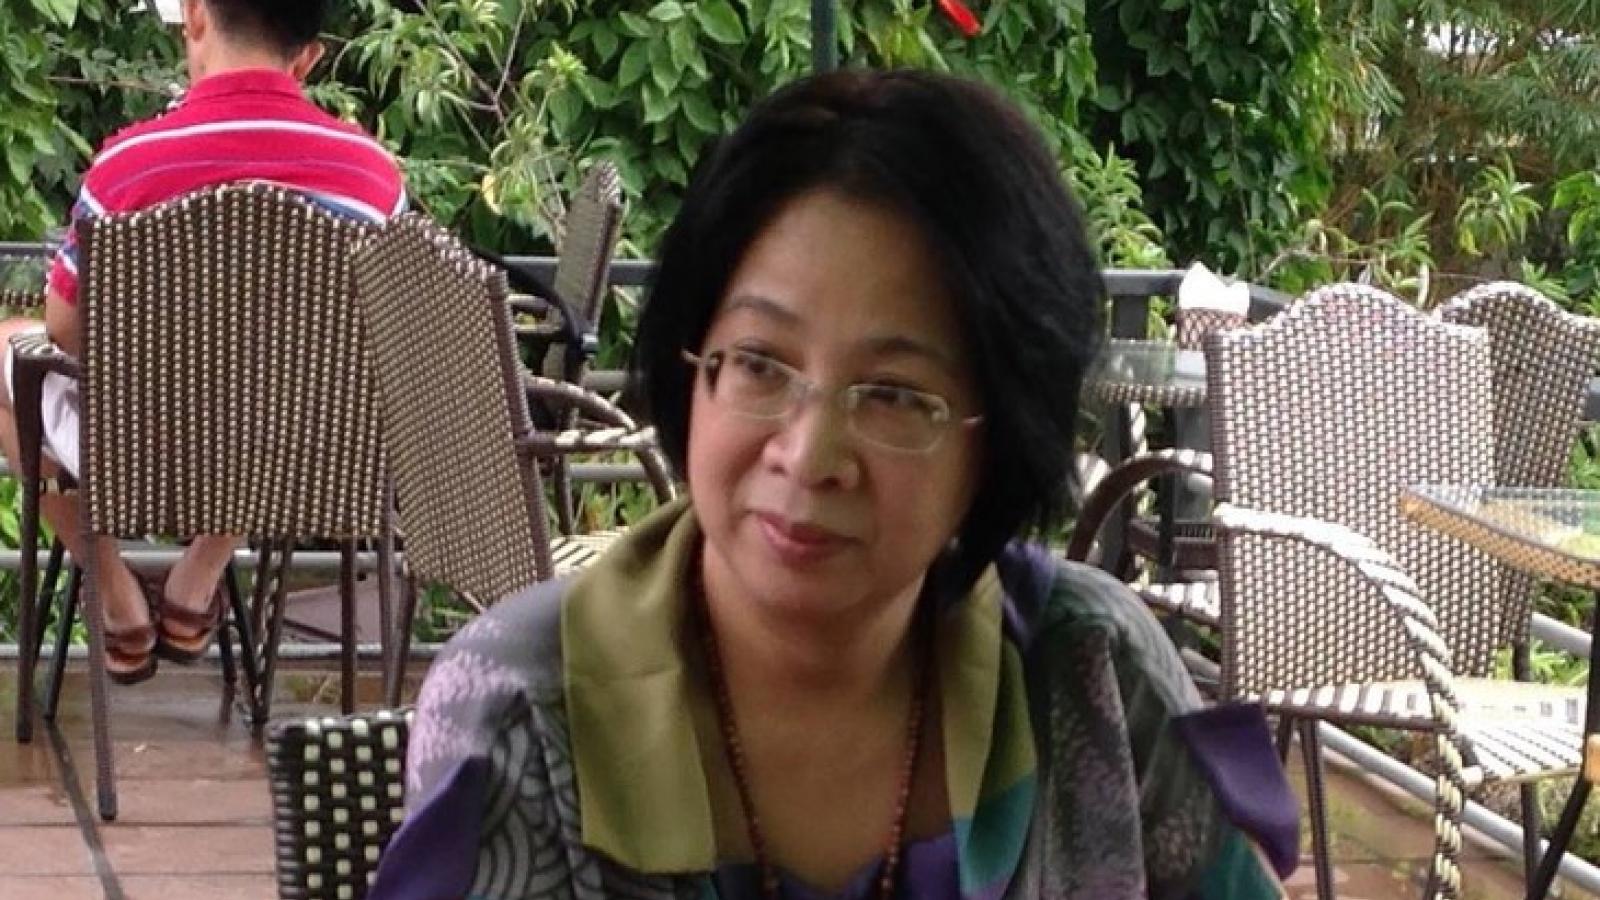 Viết về Ăn là viết về một lề lối Nghĩ và Sống của những người Việt như mình